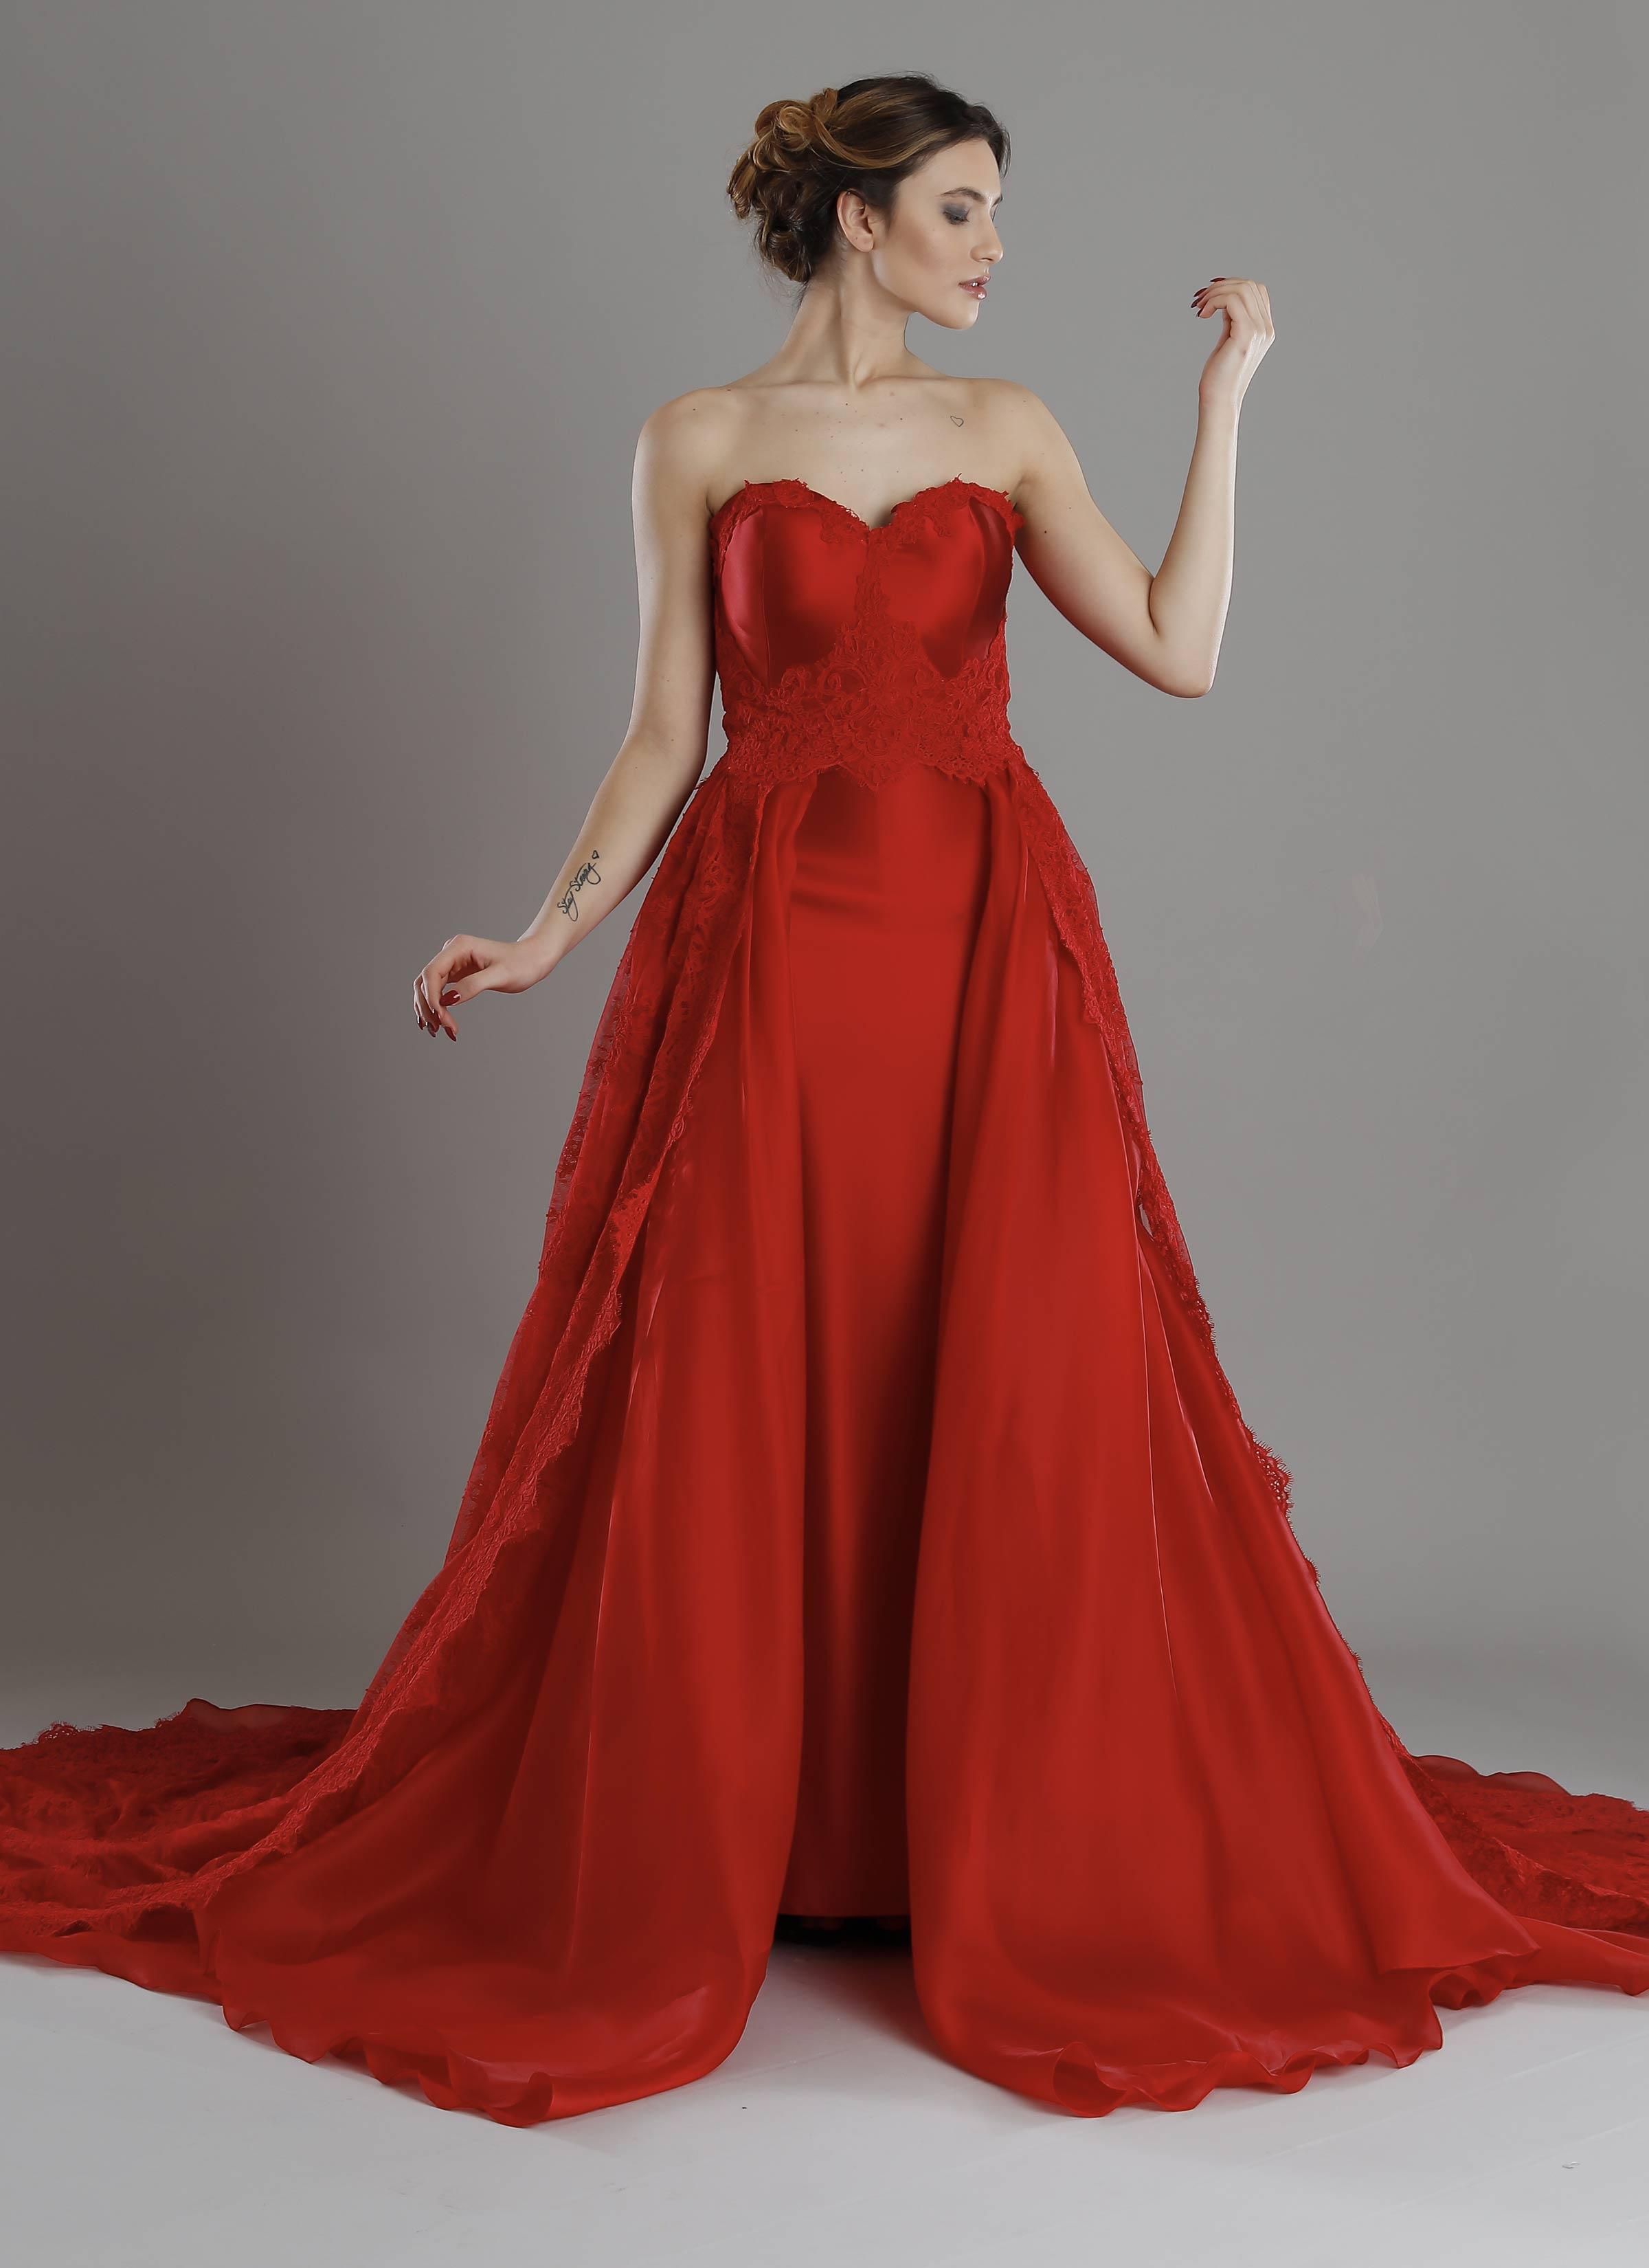 innovative design 174a0 4340b Atelier Mariella Gennarino | Abito rosso in pizzo per occasioni speciali